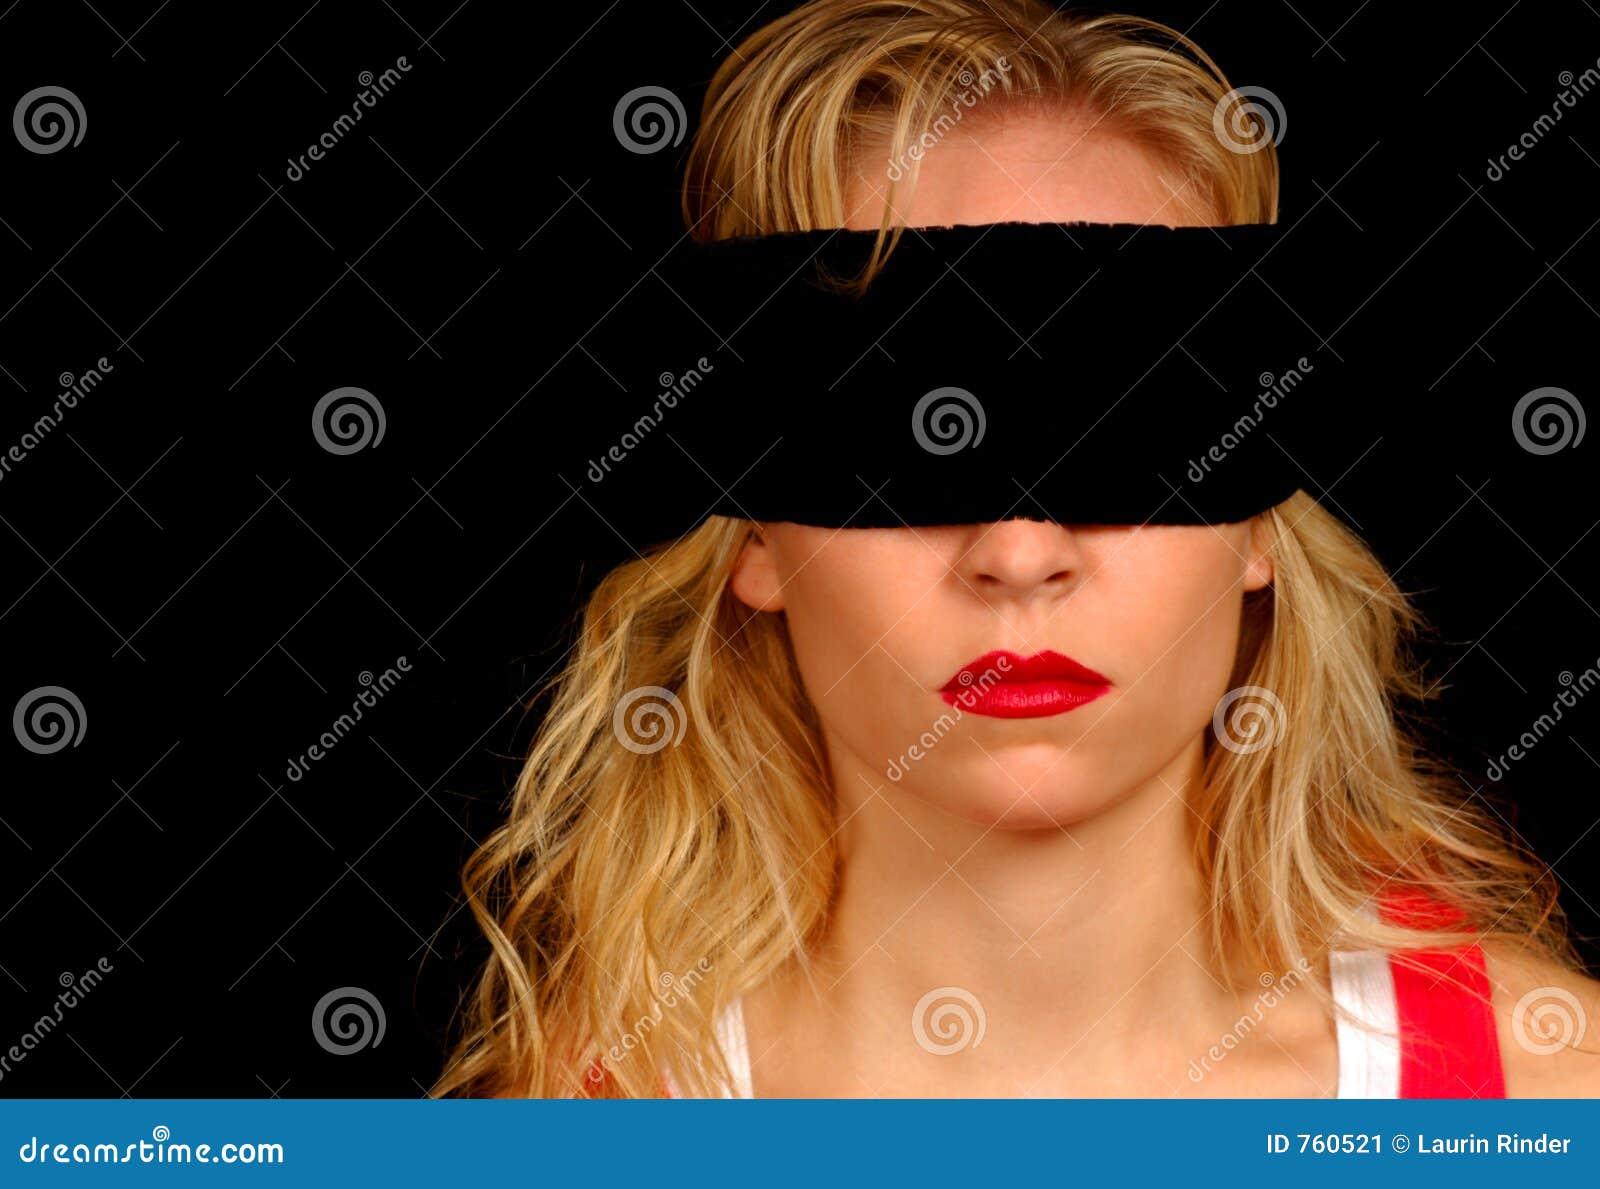 У девушки завязаны глаза, Тонкости занятия любовью с завязанными 29 фотография